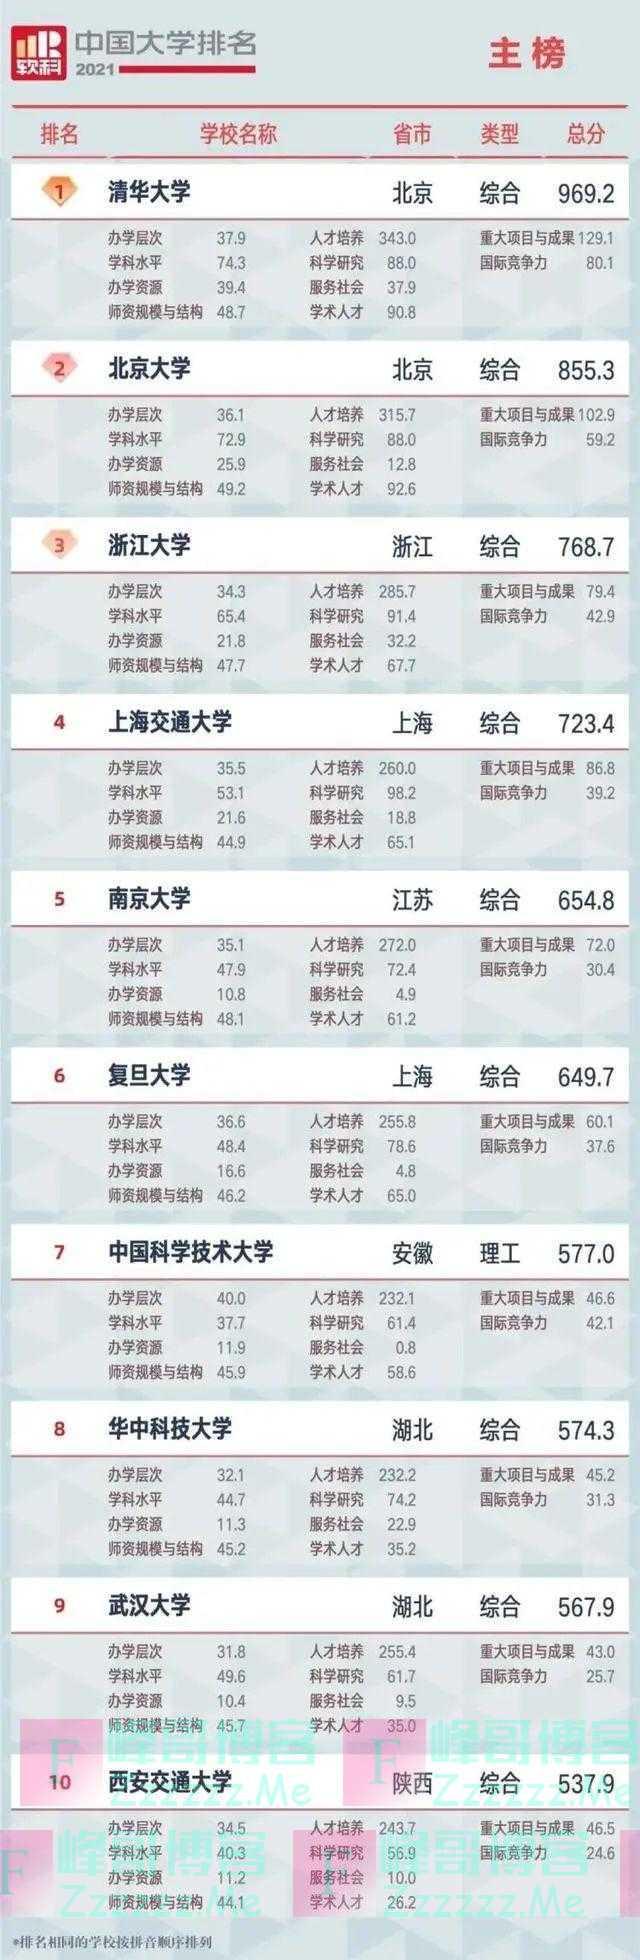 中国大学排名发布!辽宁两高校进前40!(附前100名单)